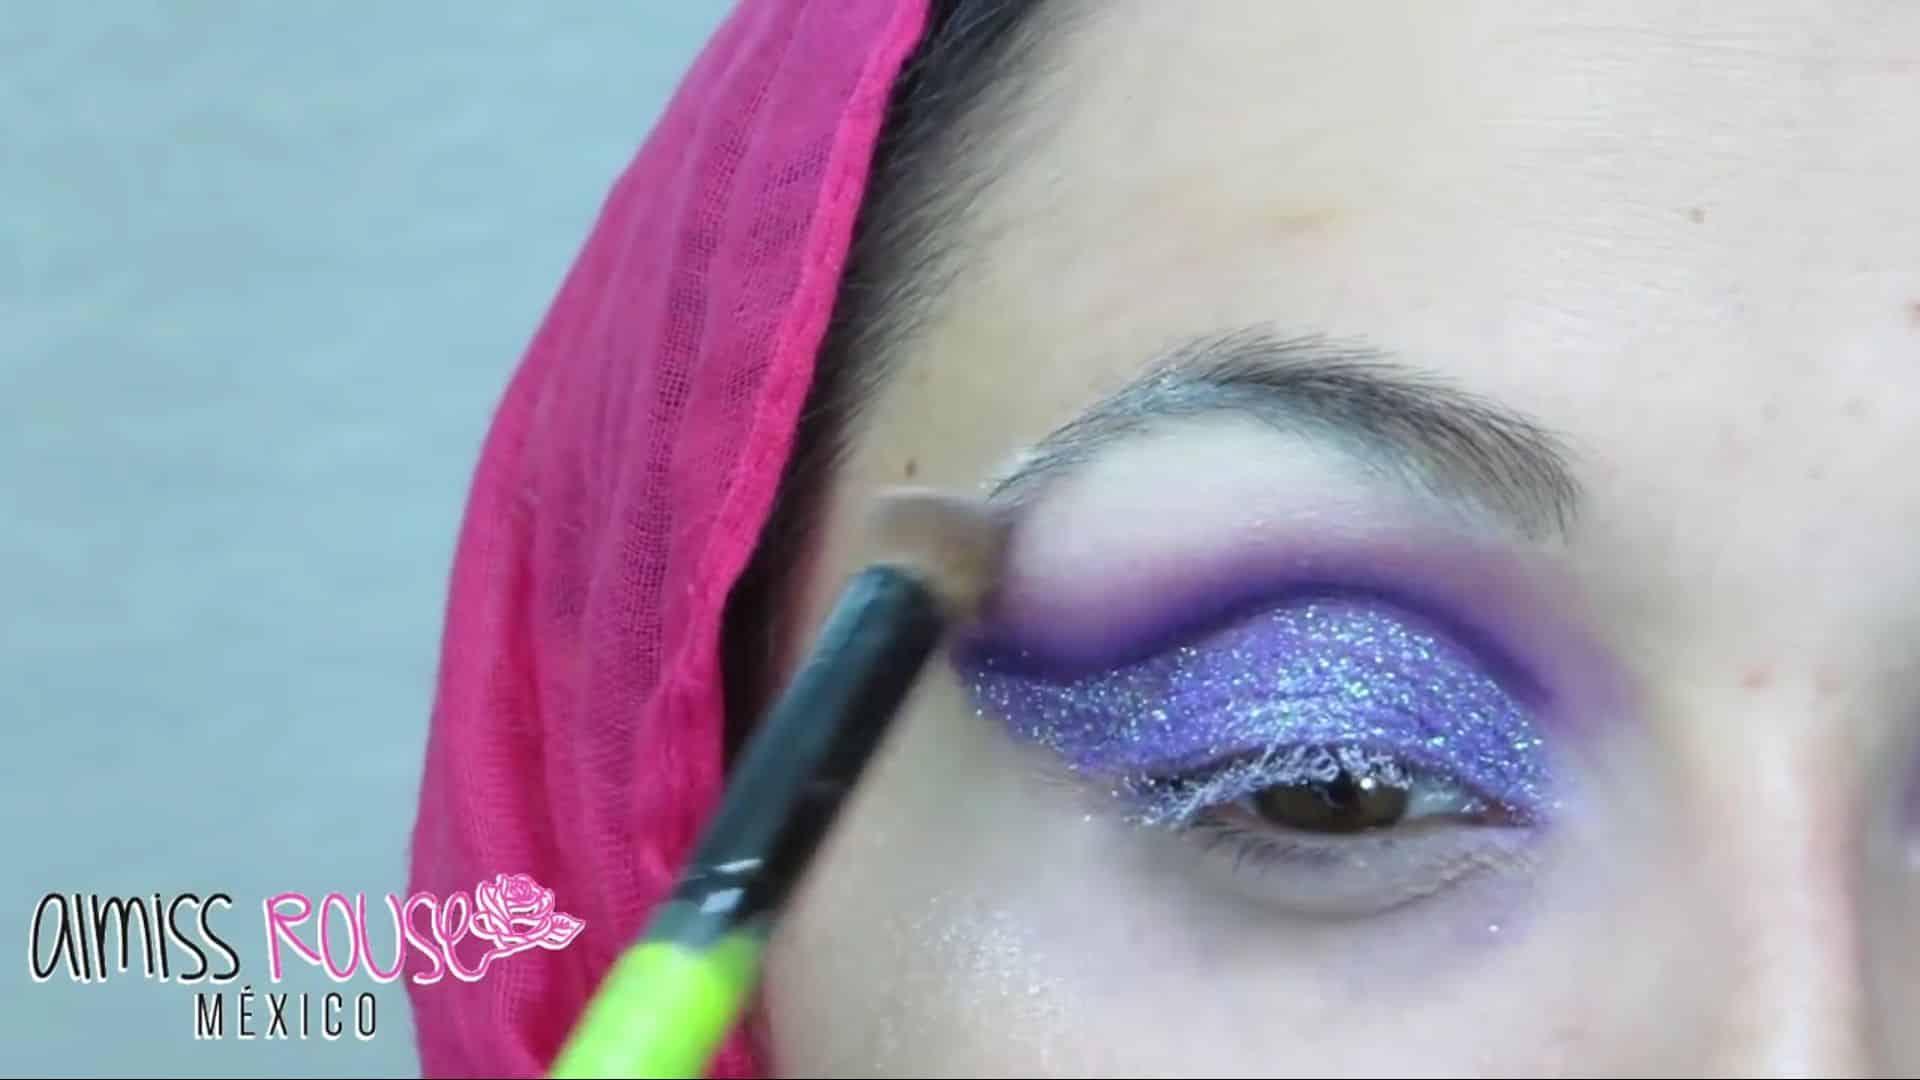 Paso a paso maquillaje Árabe almiss rouse 2020, aplicación de sombra blanca.